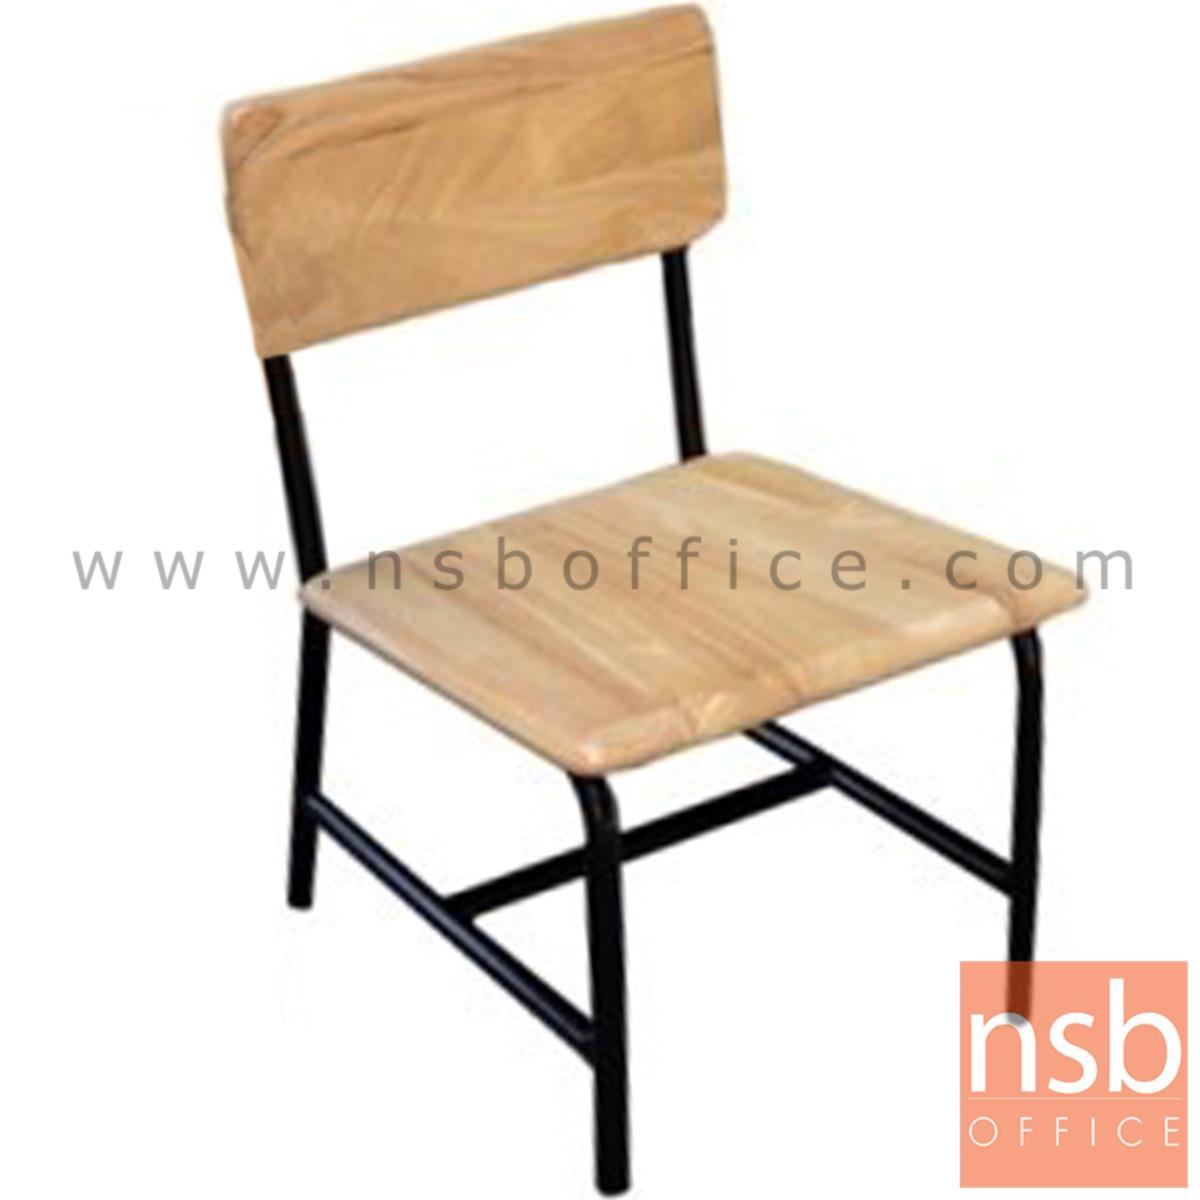 A17A054:เก้าอี้นักเรียน ไม้ยางพาราโครงเหล็ก  ขนาด 38W cm.